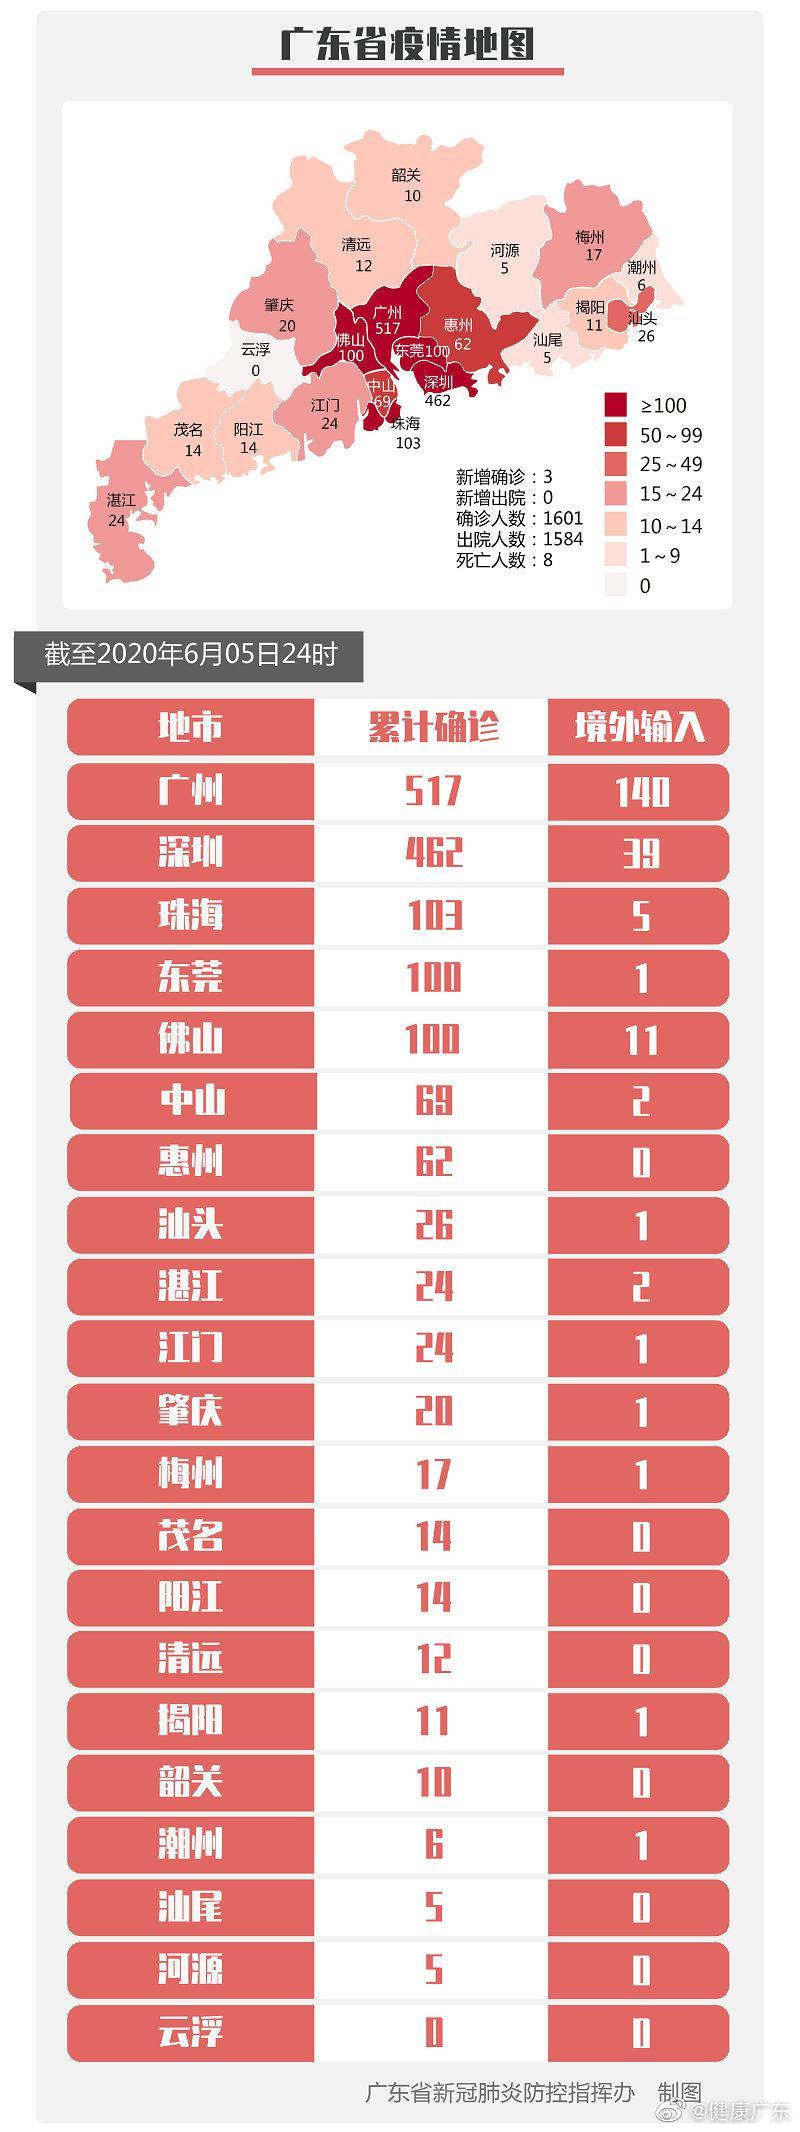 「摩鑫主管」-24时摩鑫主管广东新增境外输入确诊病图片